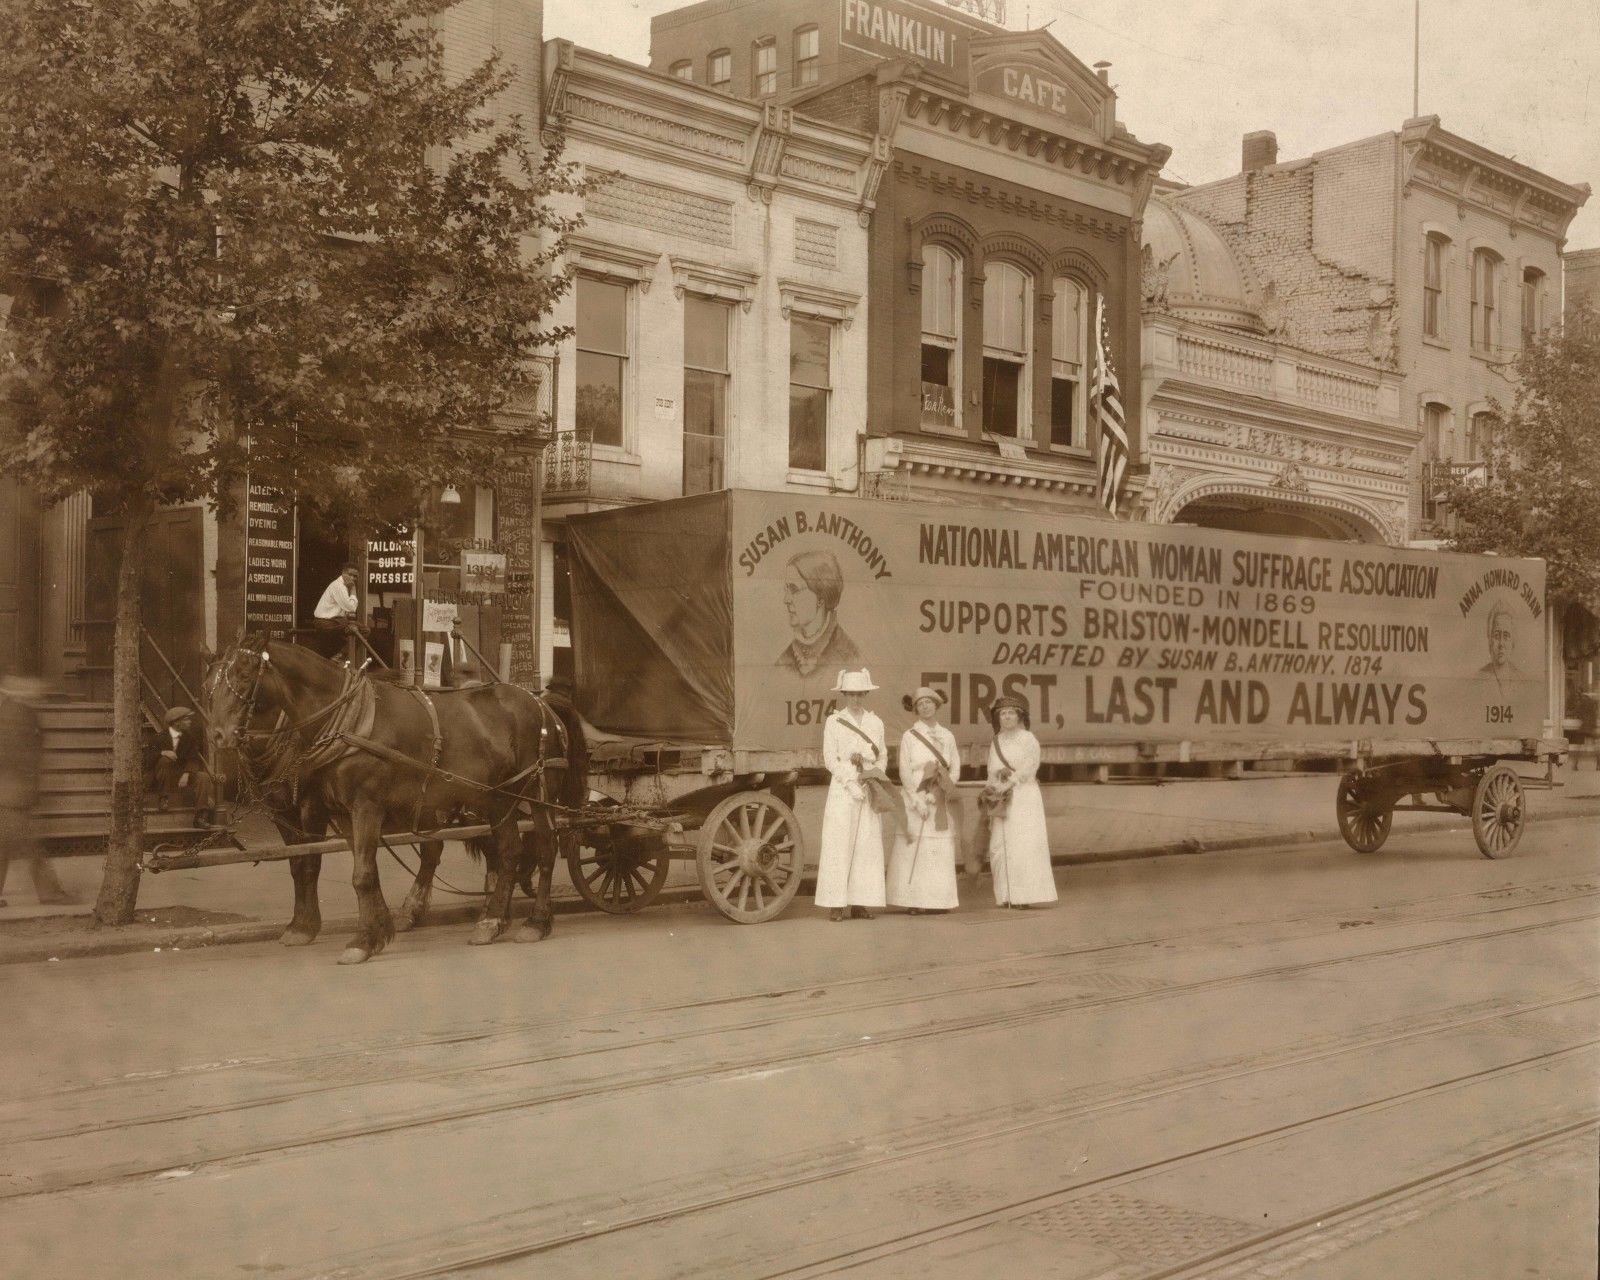 NAWSA Parade Float 1914